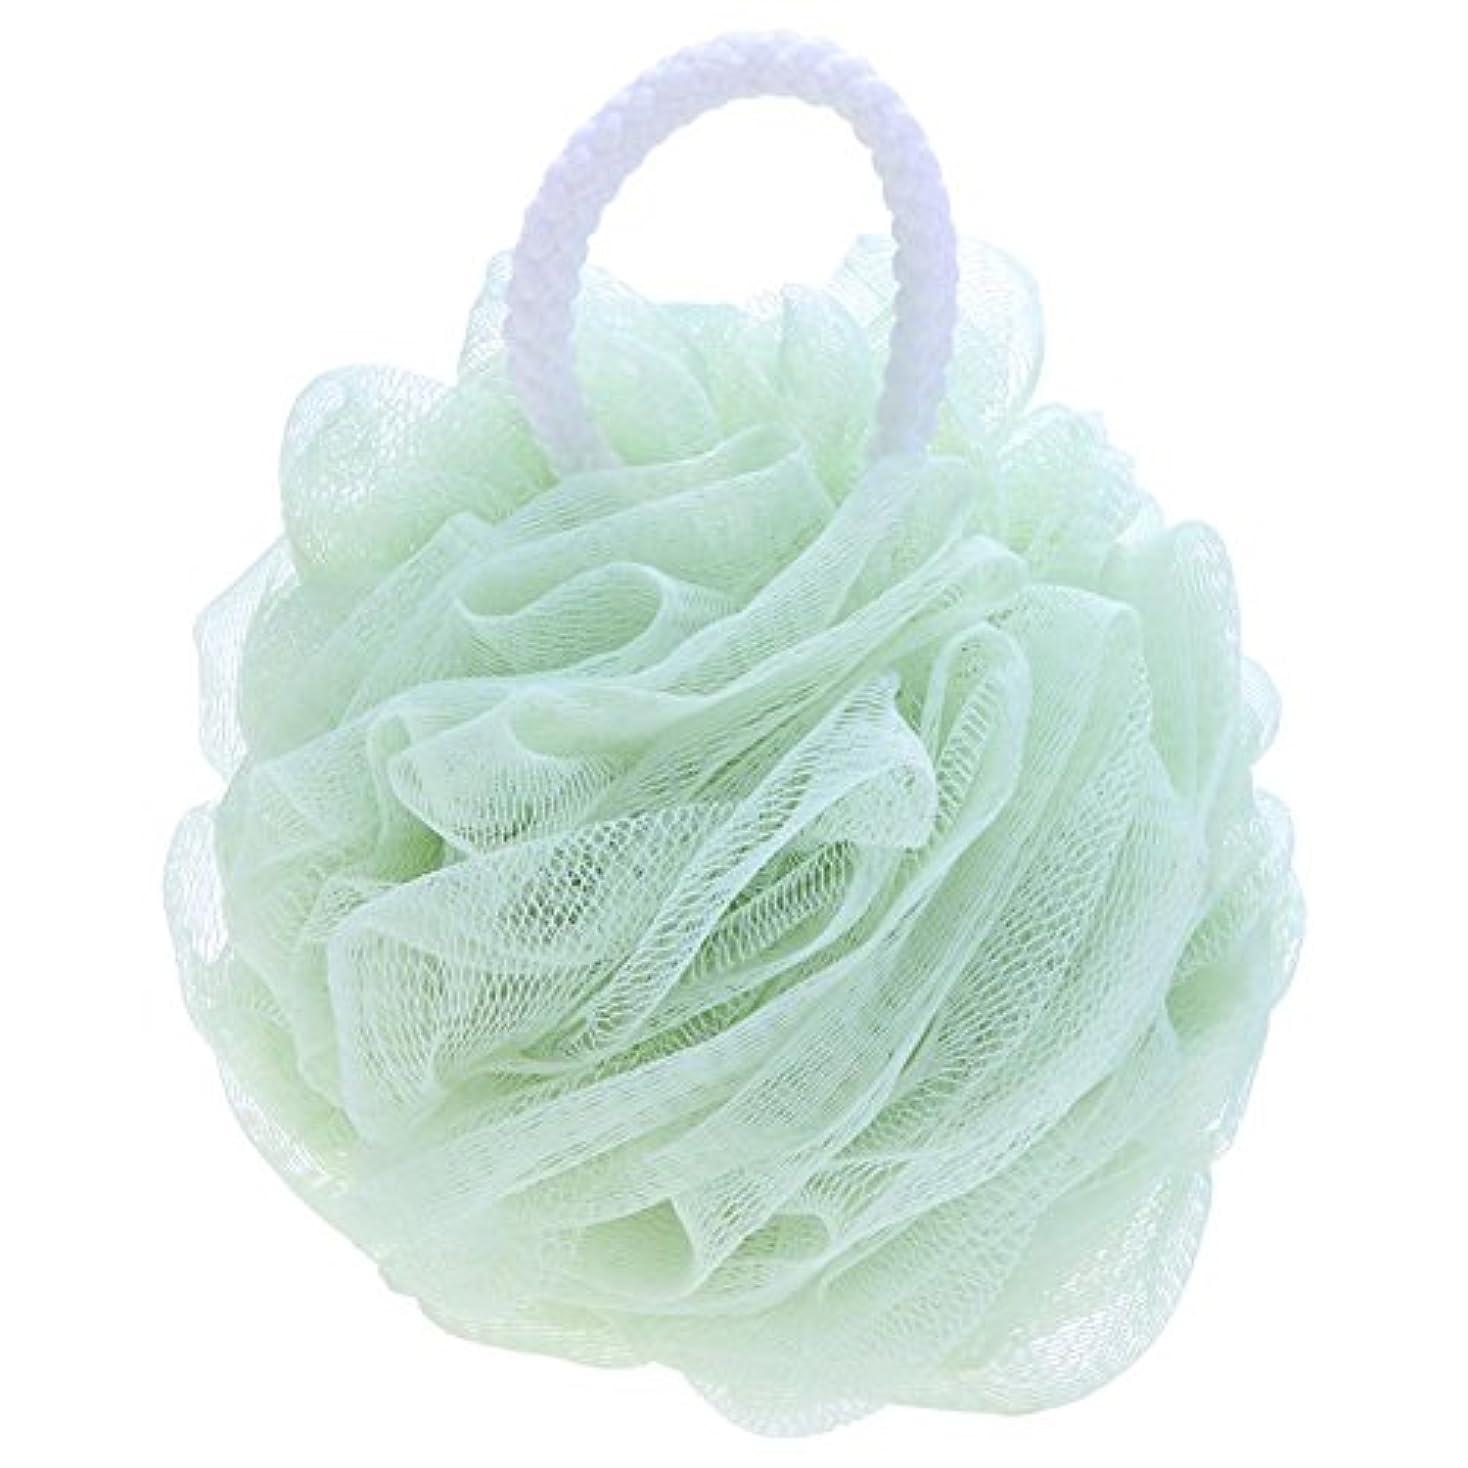 ドナウ川日付付きあそこDemiawaking 泡立てネットフラワーボール 泡ボール 柔らかい ボディ洗い お風呂用 泡立ち ブルー